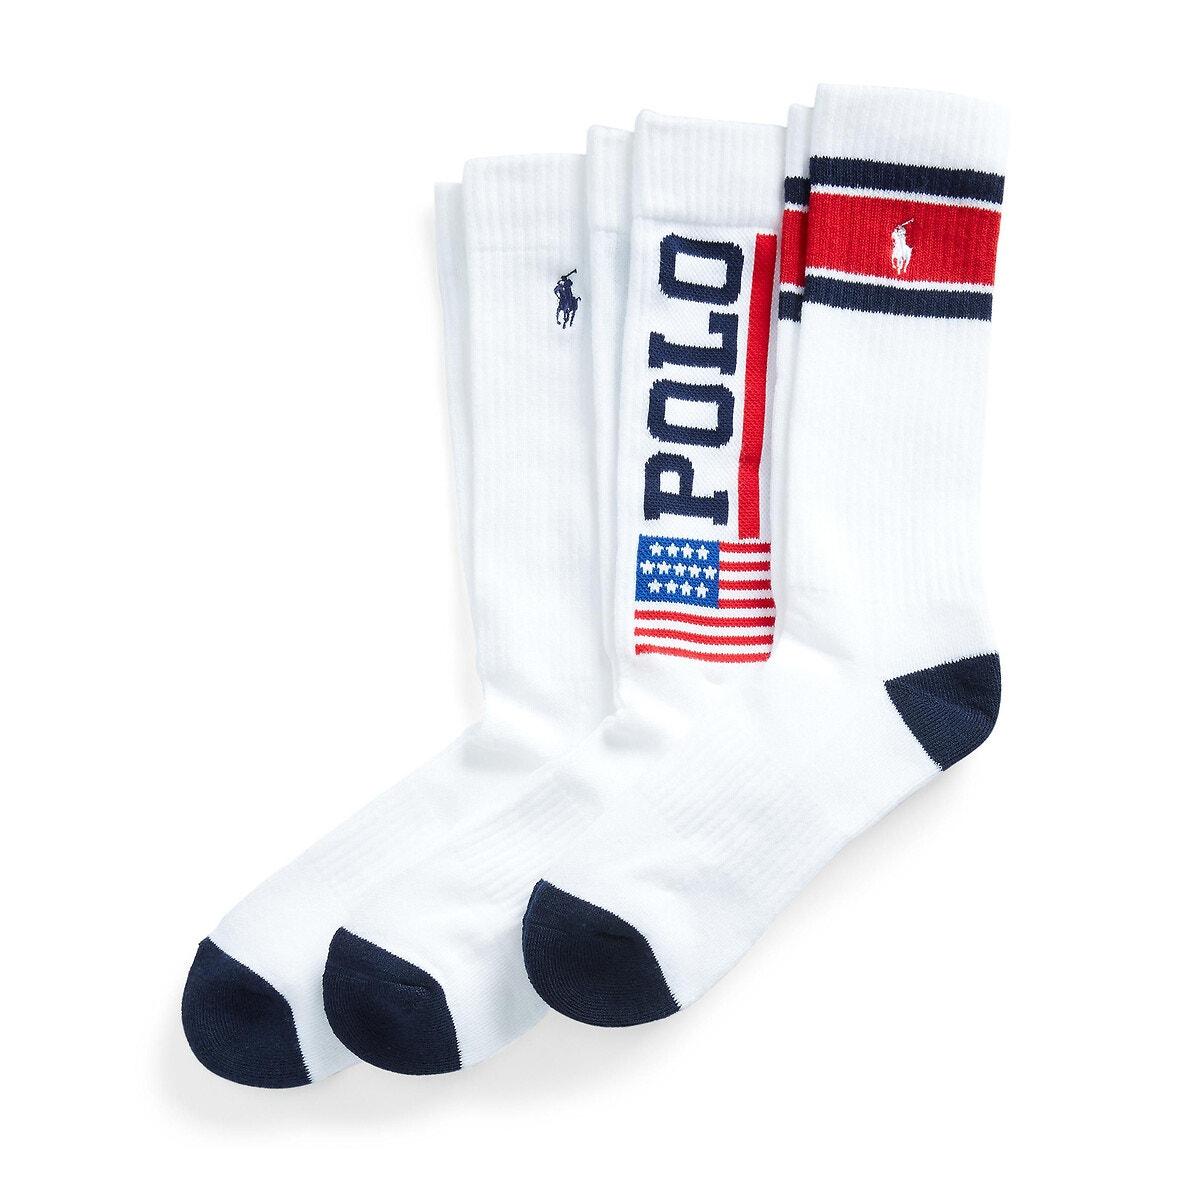 Polo Ralph Lauren - Σετ 3 ζευγάρια βαμβακερές αθλητικές κάλτσες 350185832 - 501